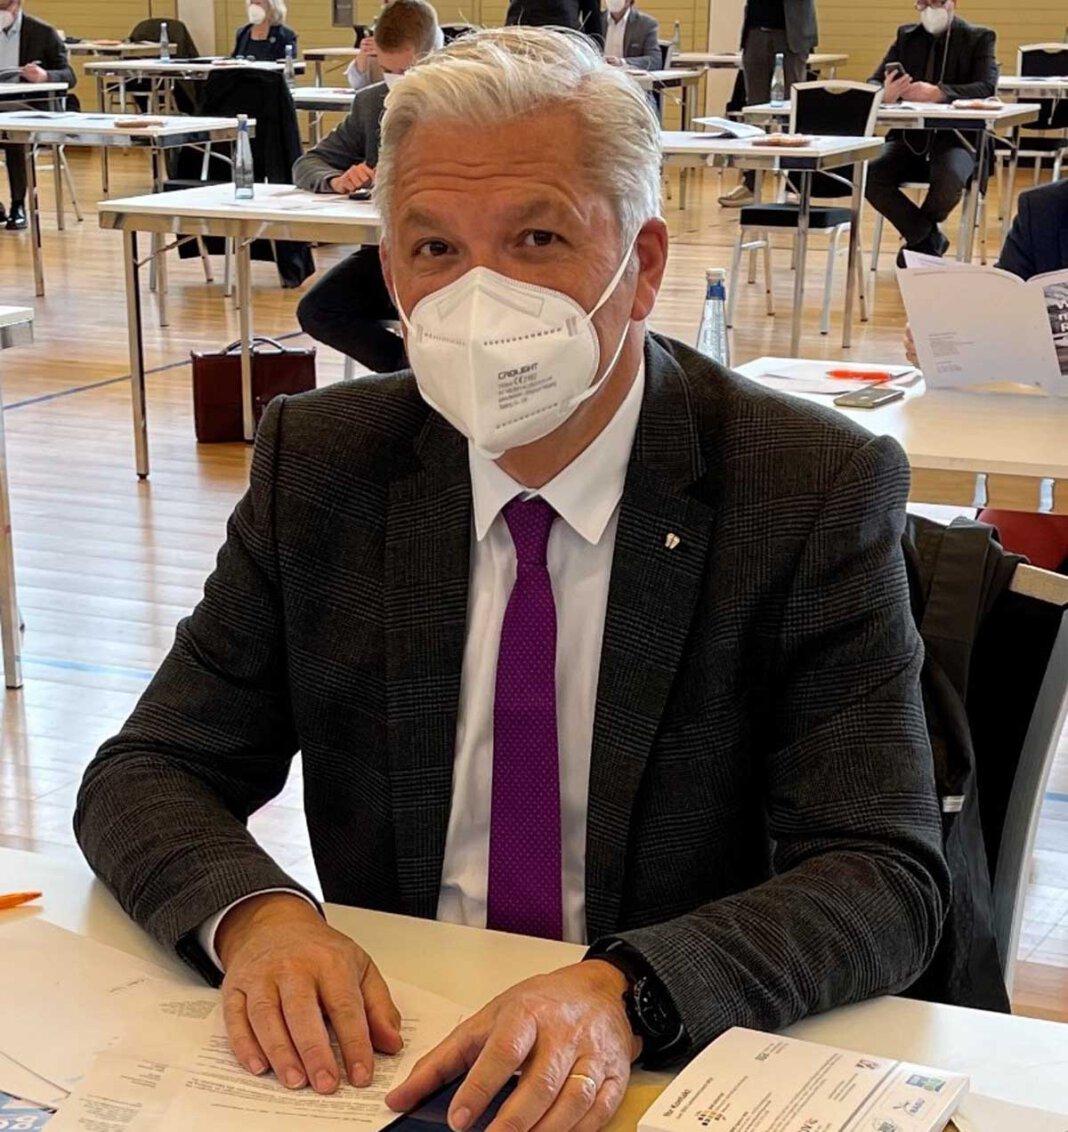 Hubert Hüppe aus Werne, hier beim Parteitag der CDU Ruhr in Gelsenkirchen, kann sich berechtigte Hoffnungen auf eine Rückkehr in den Bundestag machen. Foto: Zilian